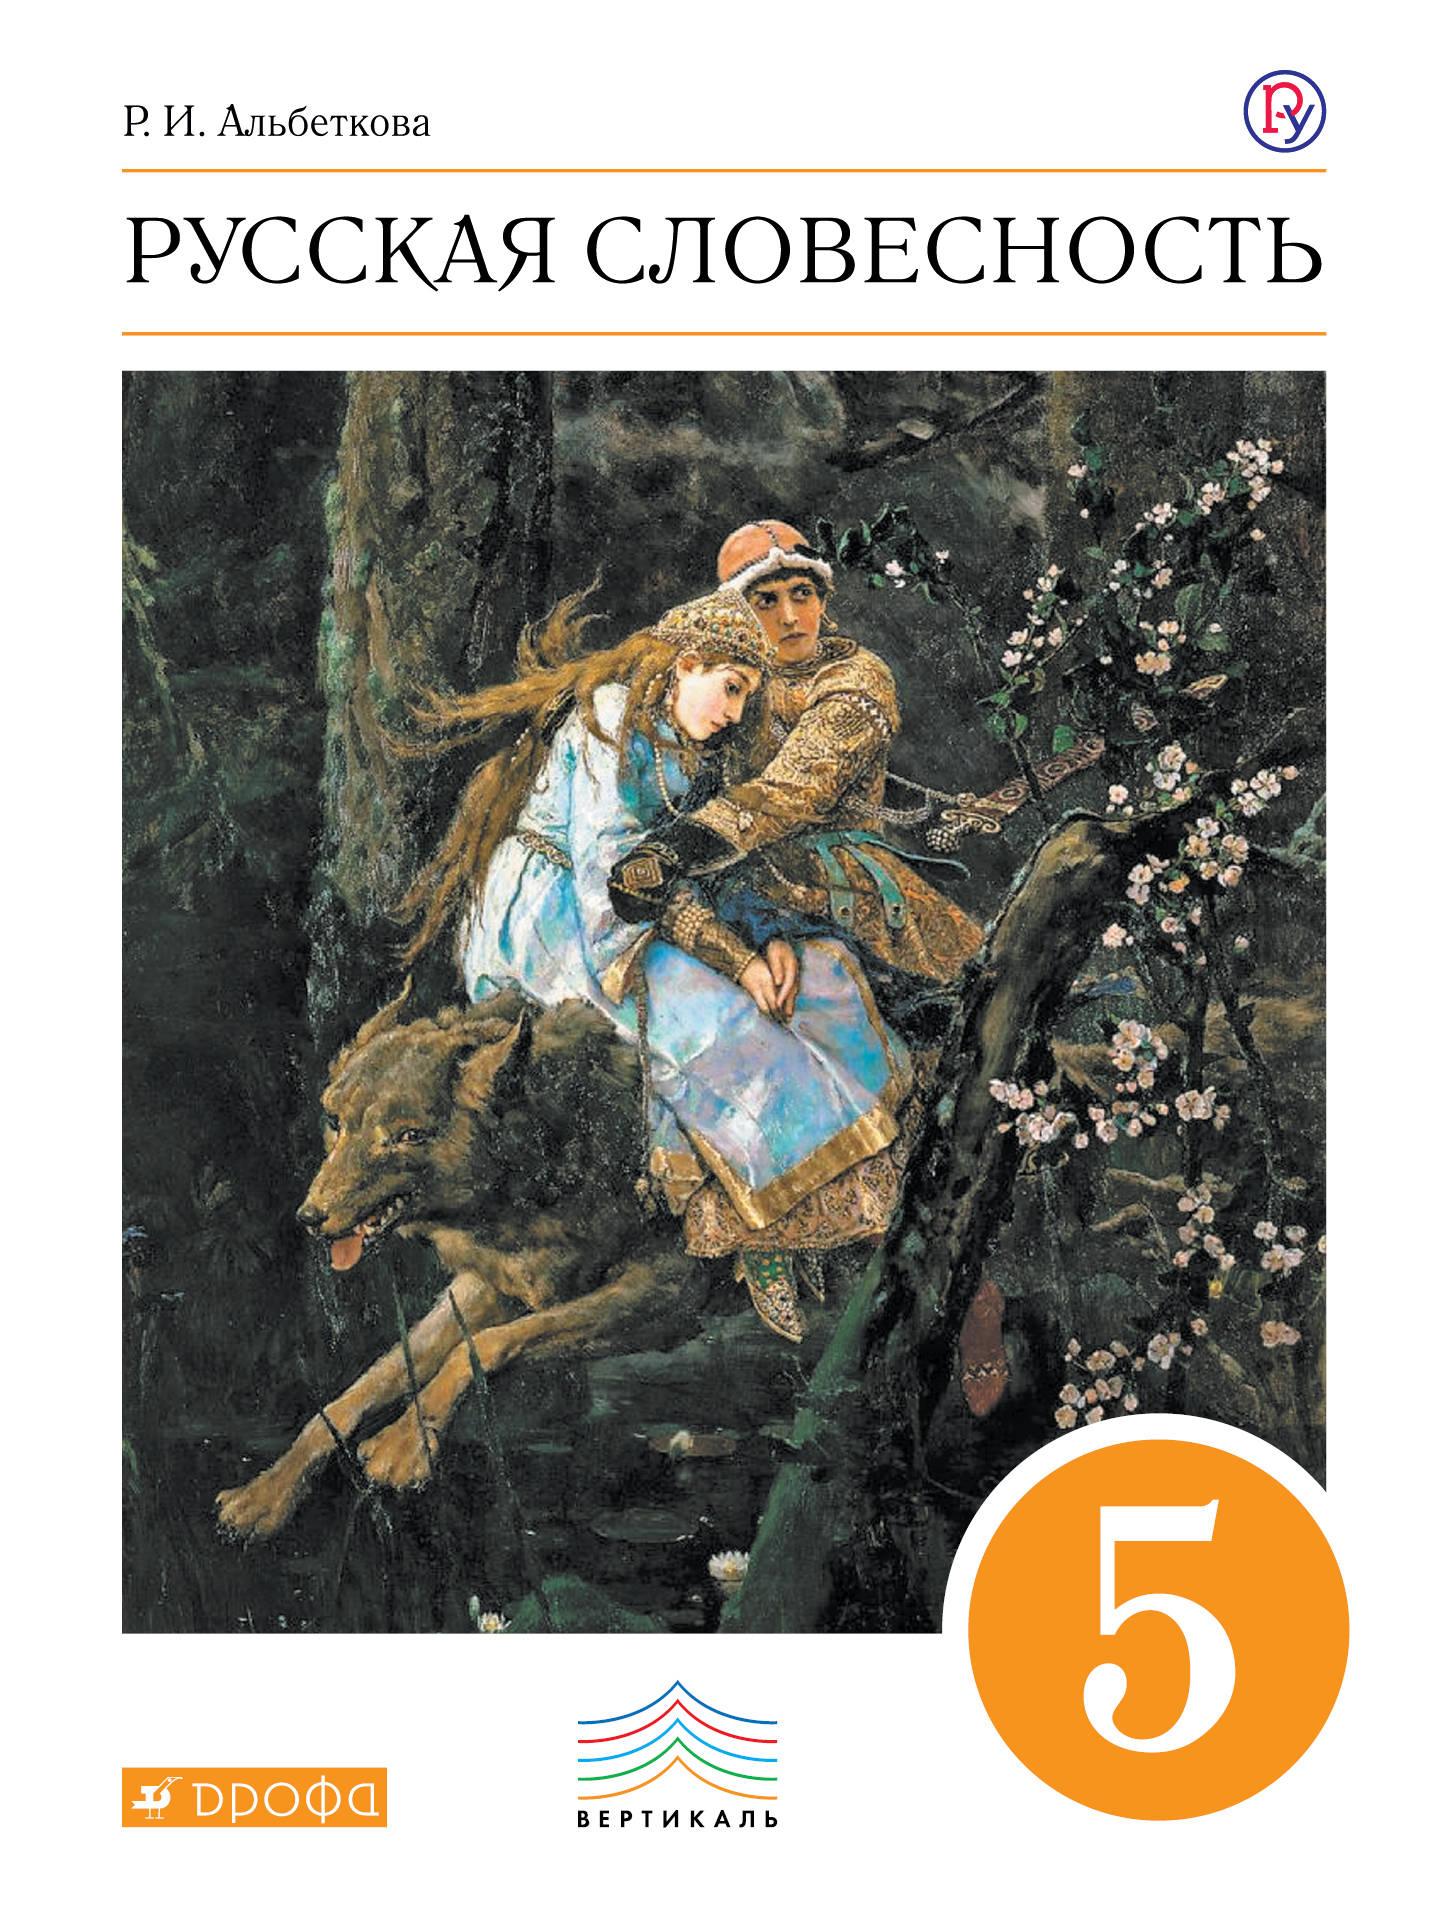 Р. И. Альбеткова Русский язык. Русская словесность. 5 класс. Учебное пособие